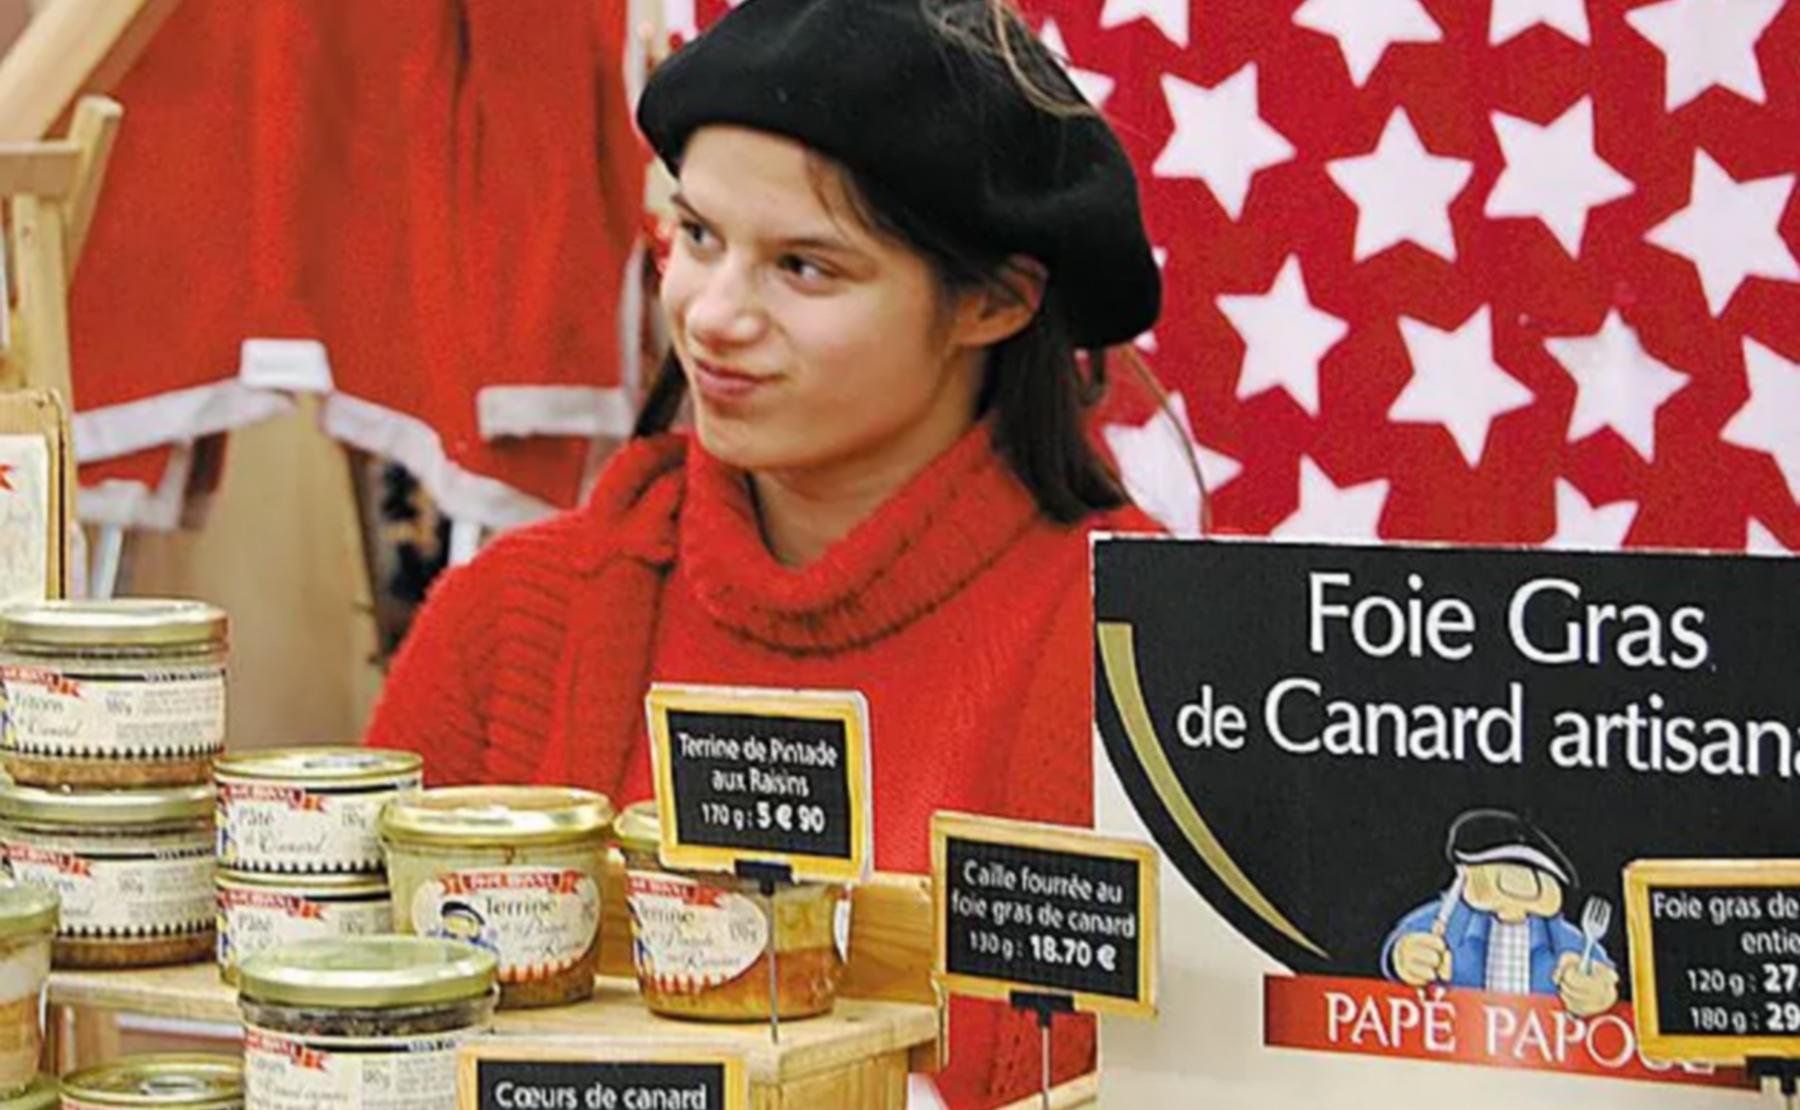 Le commerce de produits aveyronnais Papé Papoul (France) milite pour l'intégration de jeunes adultes autistes en entreprises. Béatrice et Jean-Claude Madaule ont créé un drive adapté pour donner une opportunité d'emploi à leur fille Julia. Elle est chargée de préparer les commandes passées en ligne. ©DR